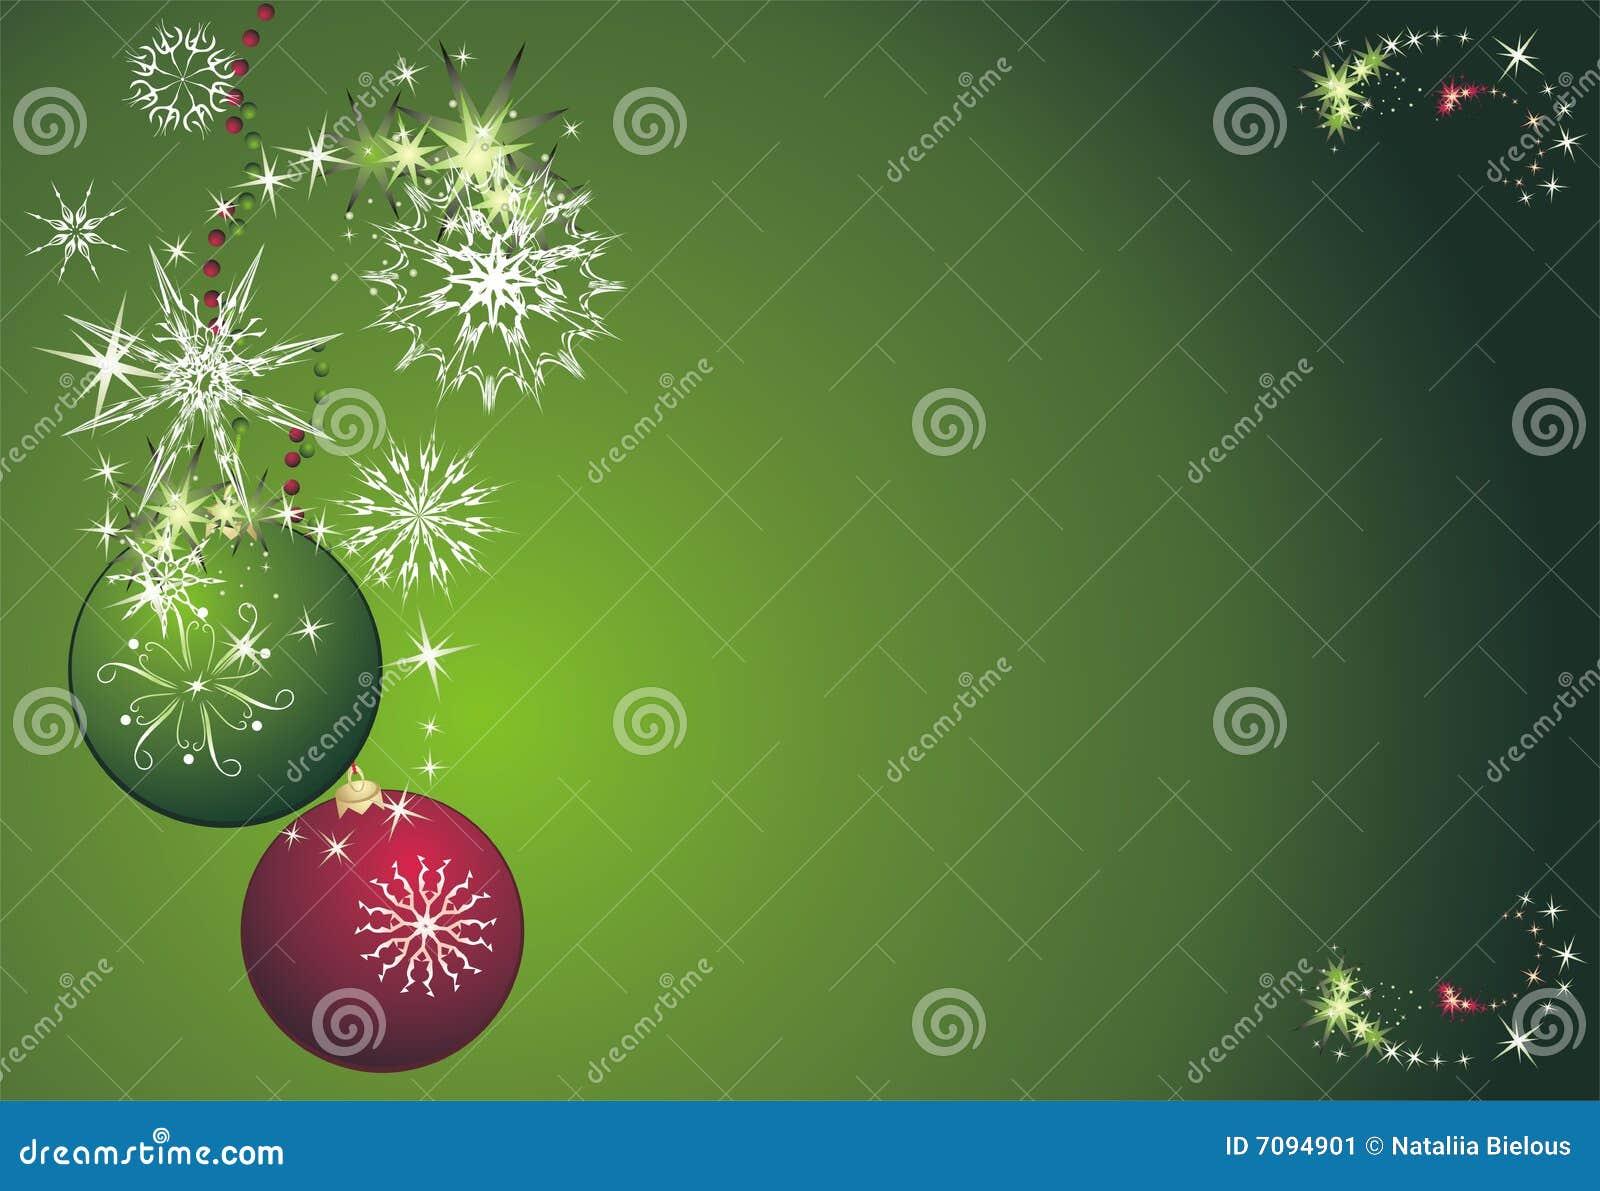 Estrellas copos de nieve y bolas tarjeta de navidad - Bolas gigantes de navidad ...